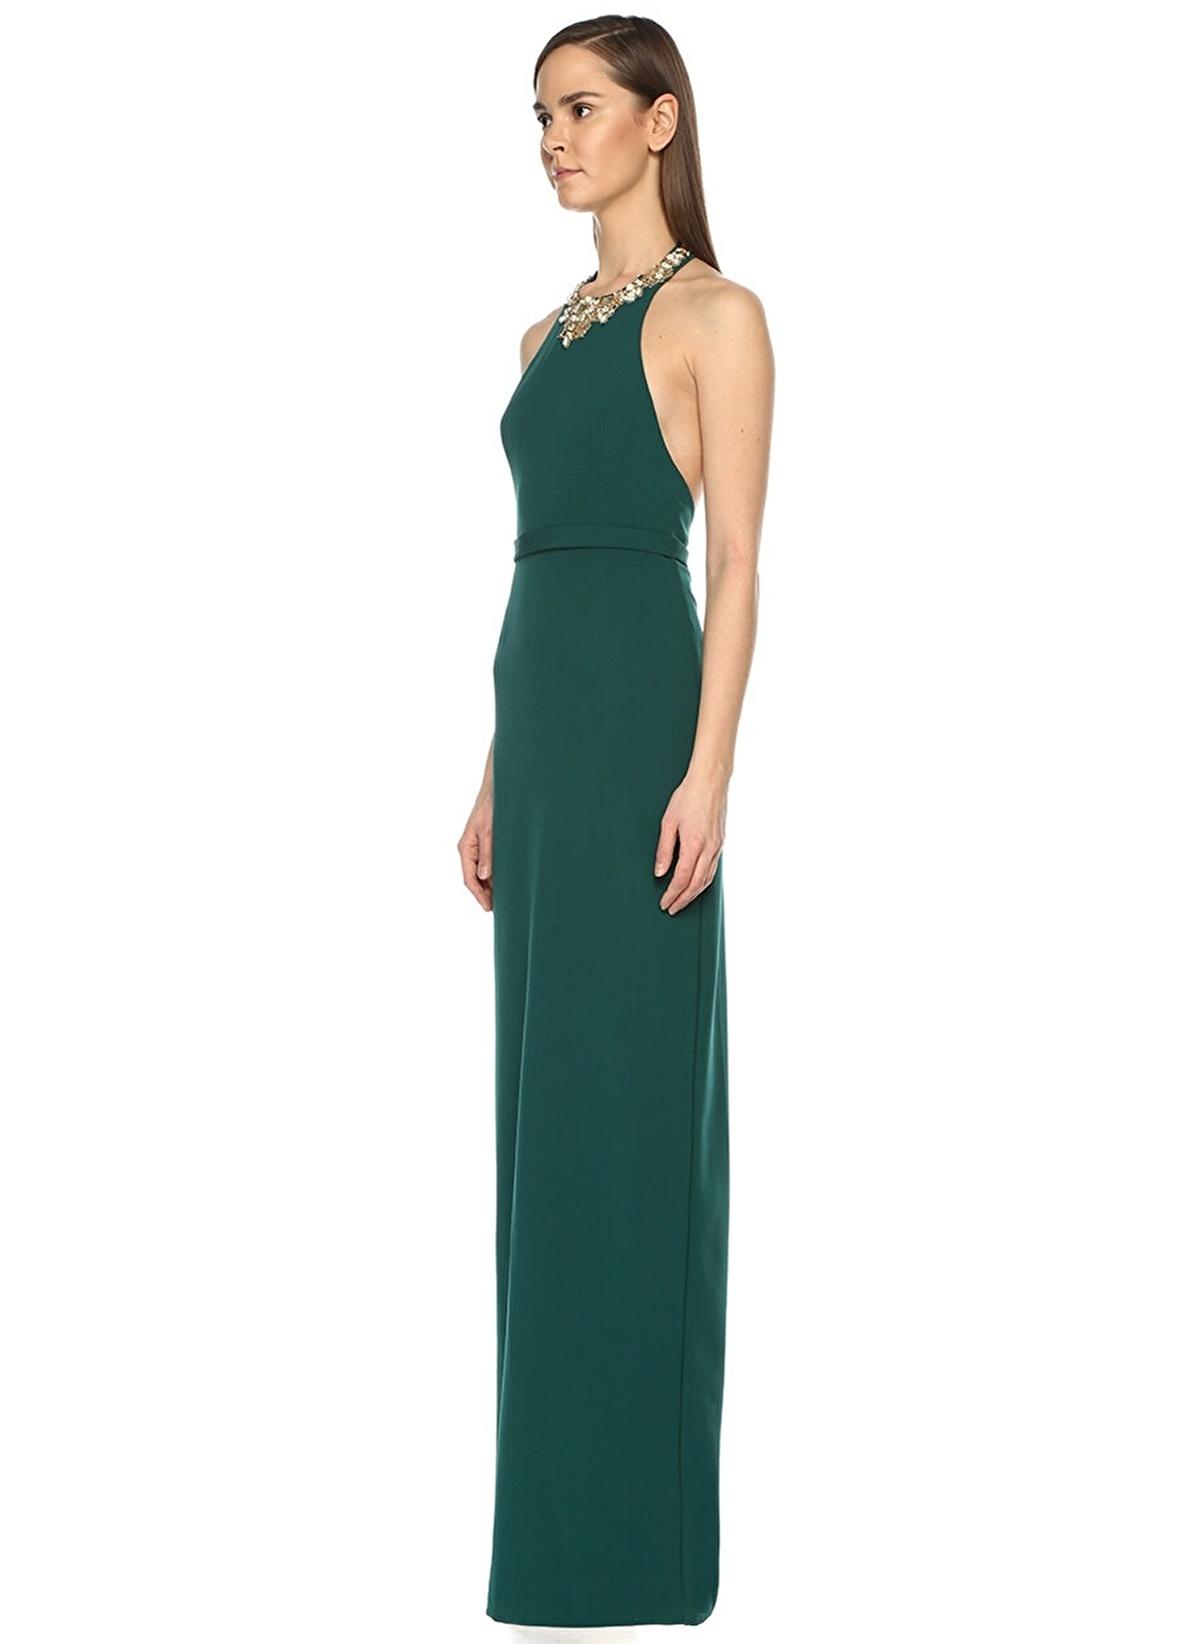 2fa8e5dd13c10 Marchesa Notte Kadın Abiye Elbise Koyu Yeşil | Morhipo | 18798833